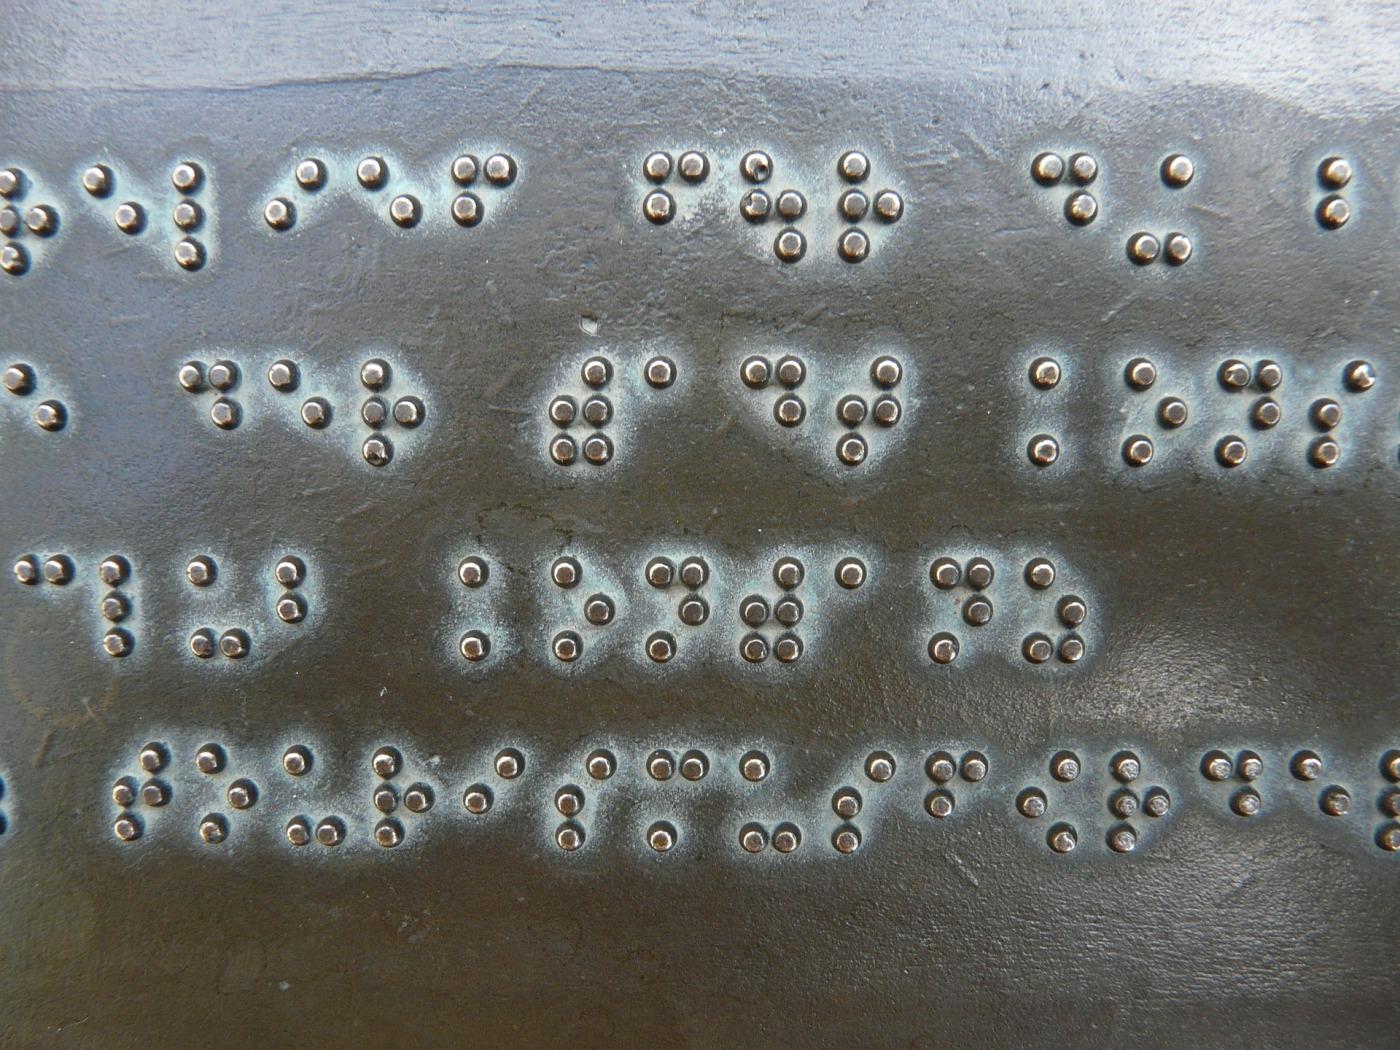 Brail - Blindness